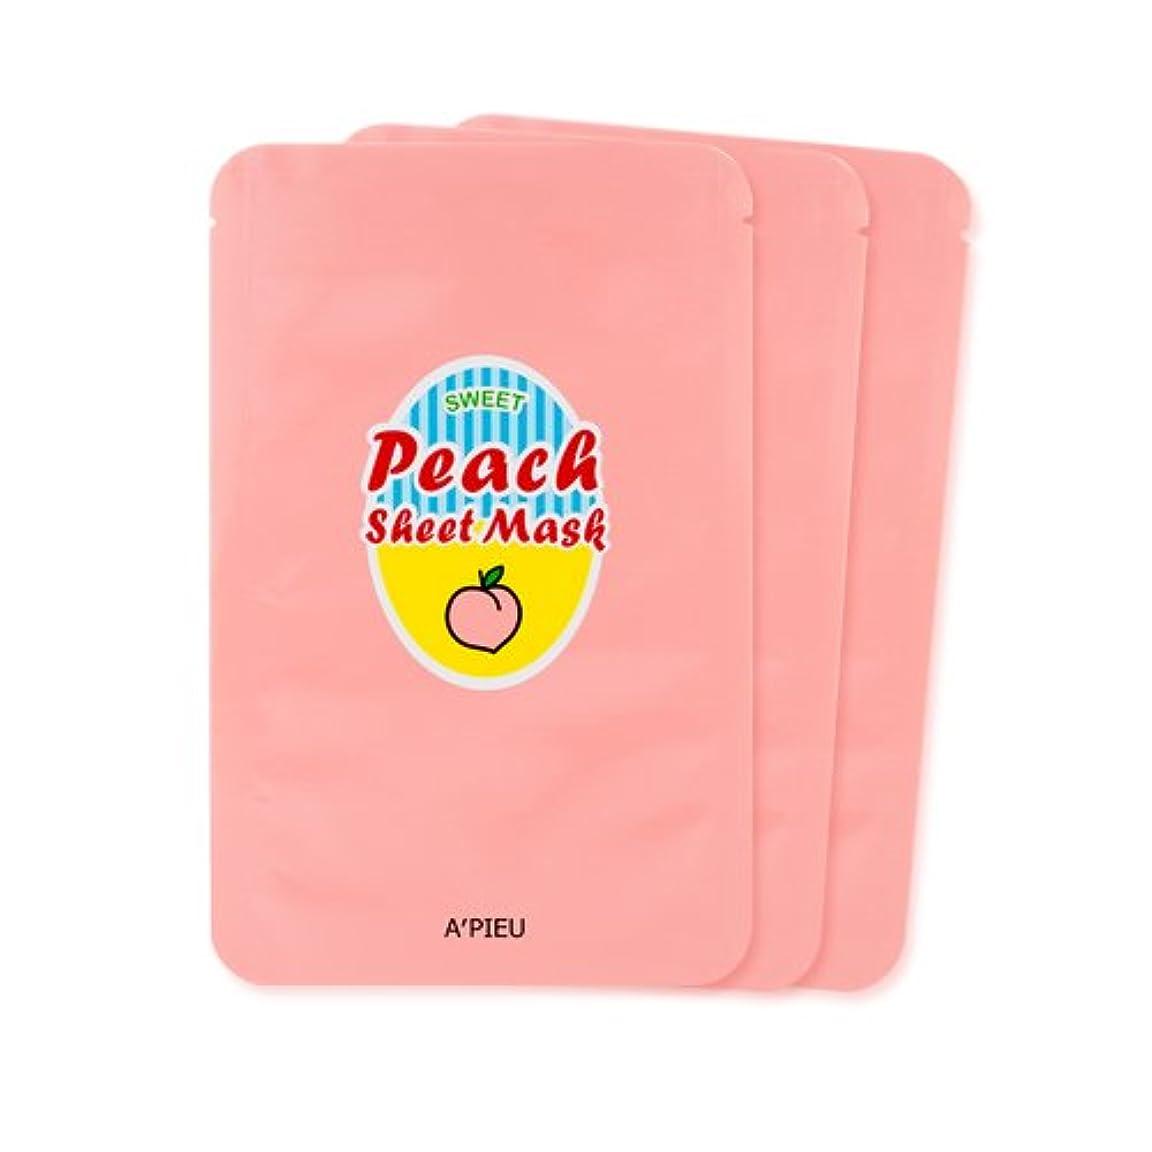 悪用前にコンクリートA'PIEU Sweet Peach Sheet Mask 3EA / [オピュ/アピュ] スイートピーチシートマスク3枚 [並行輸入品]